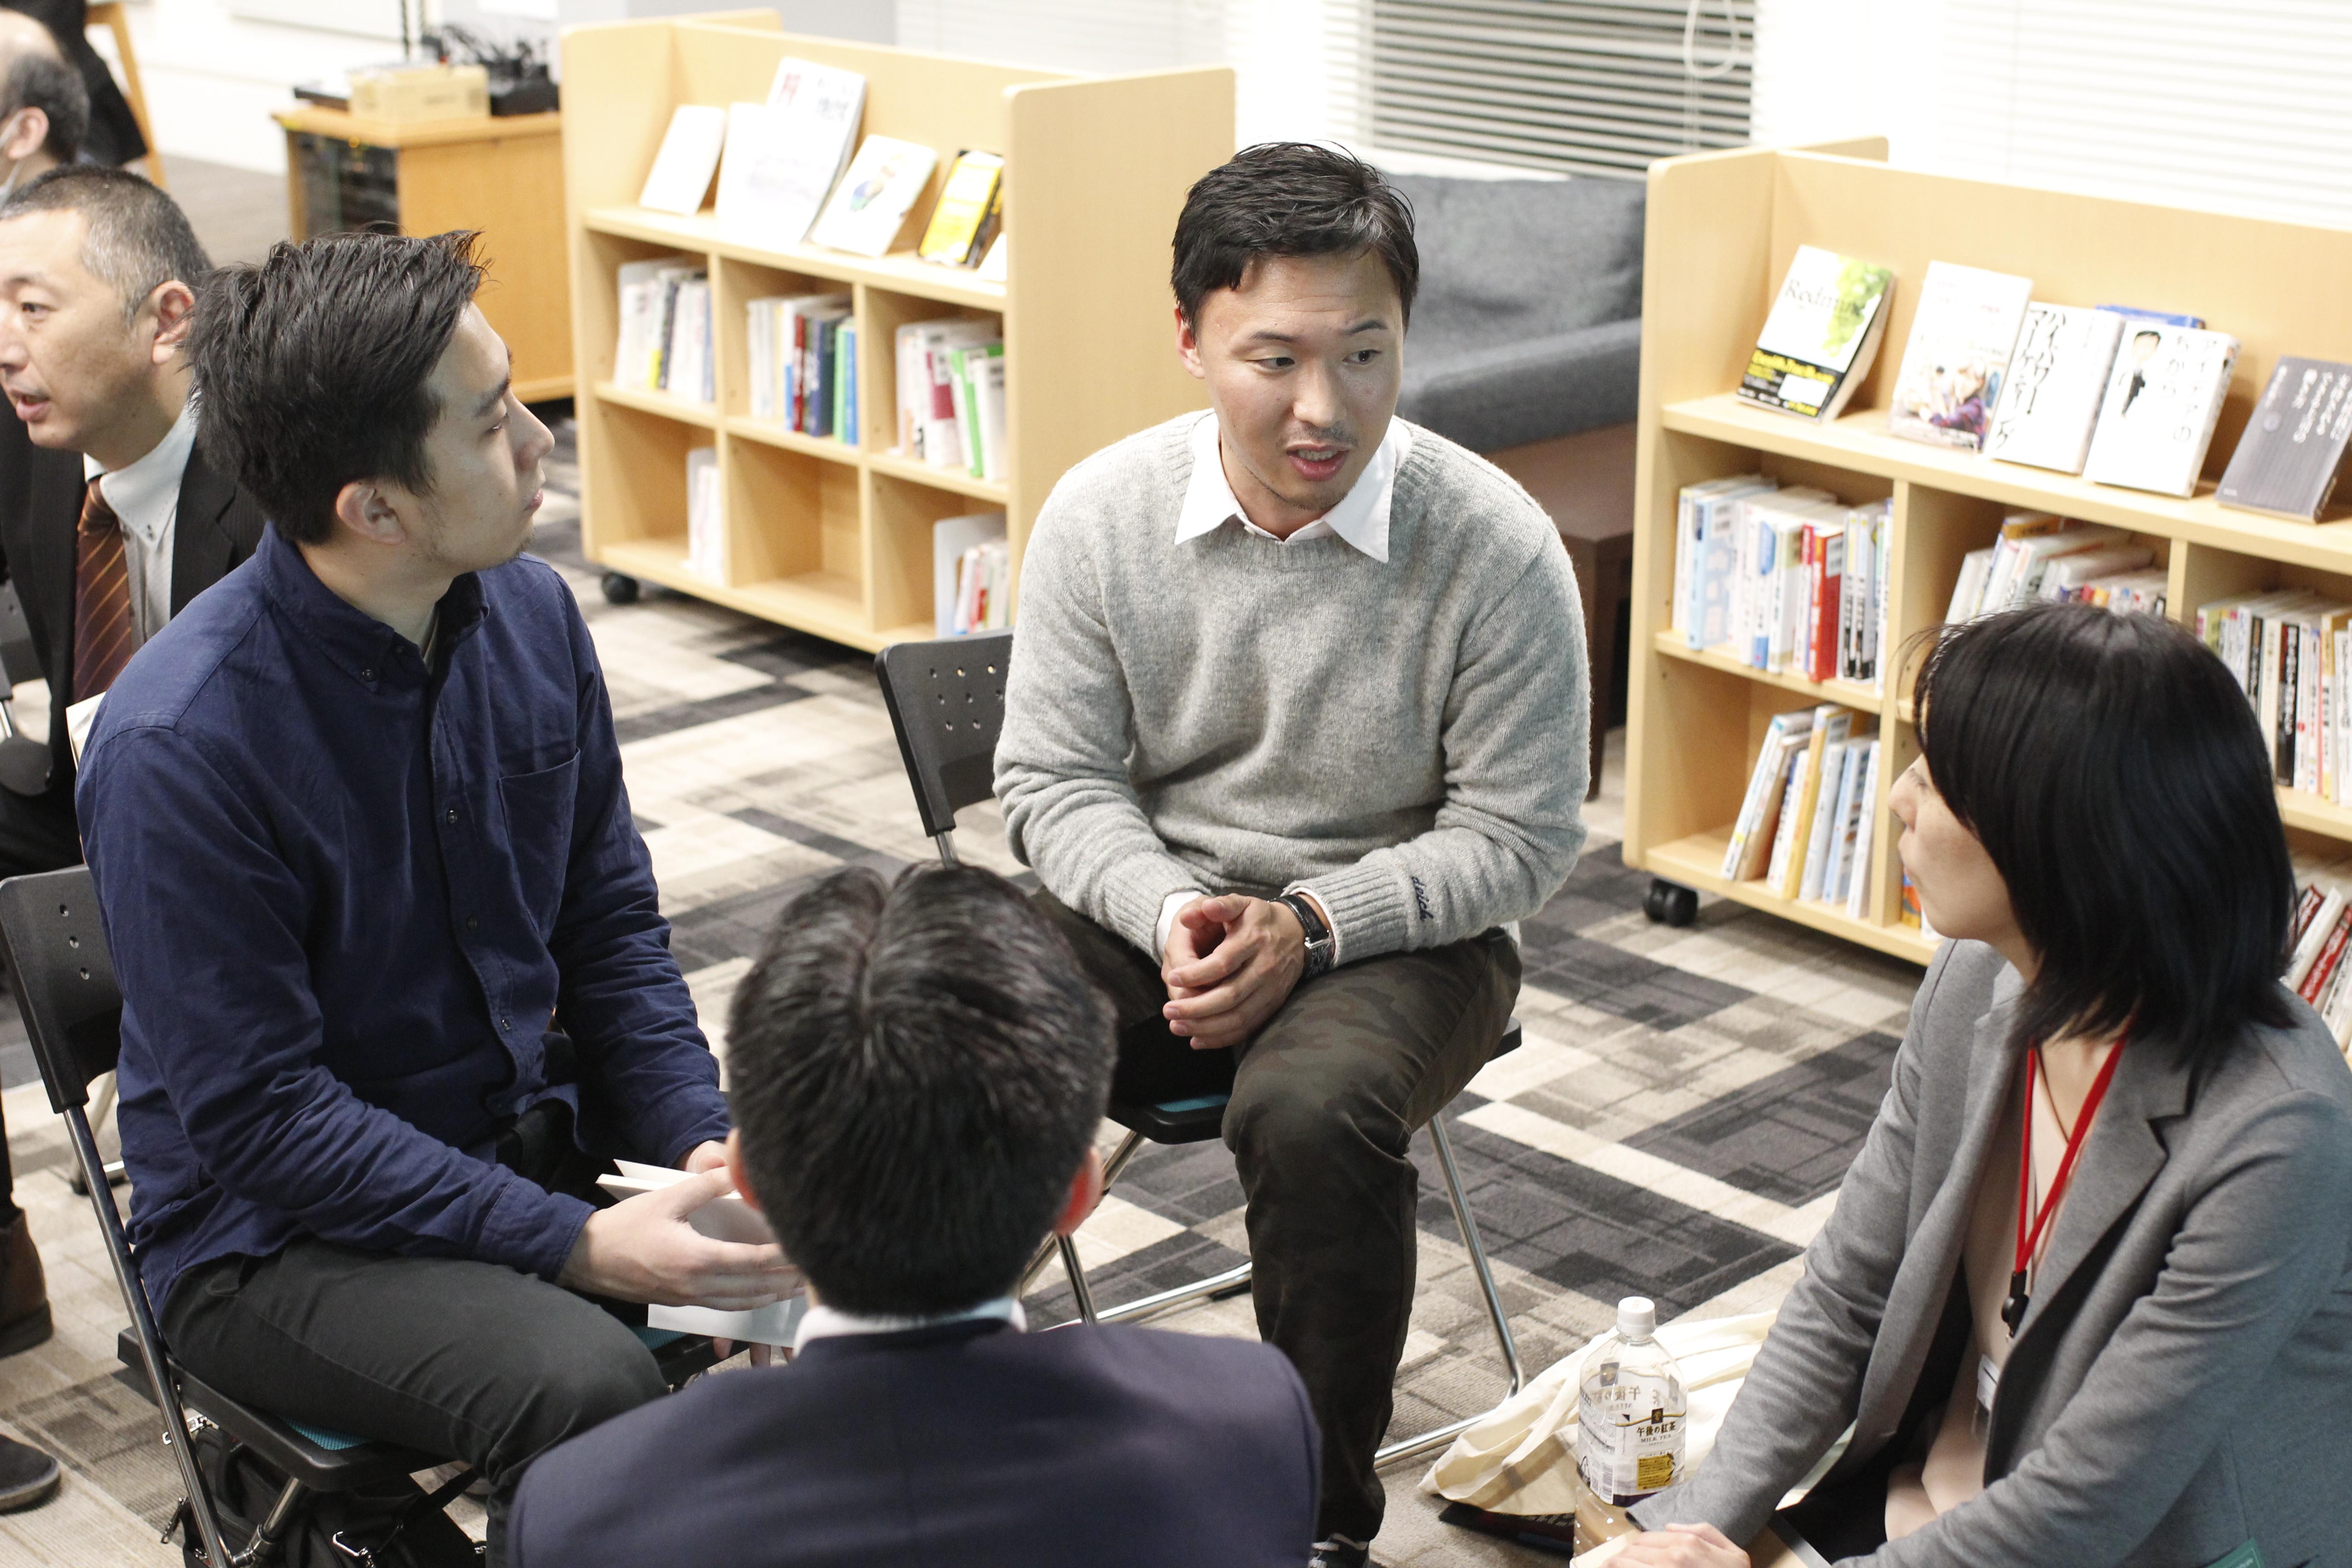 【写真】4人組になった参加者らが、真剣な表情で話している